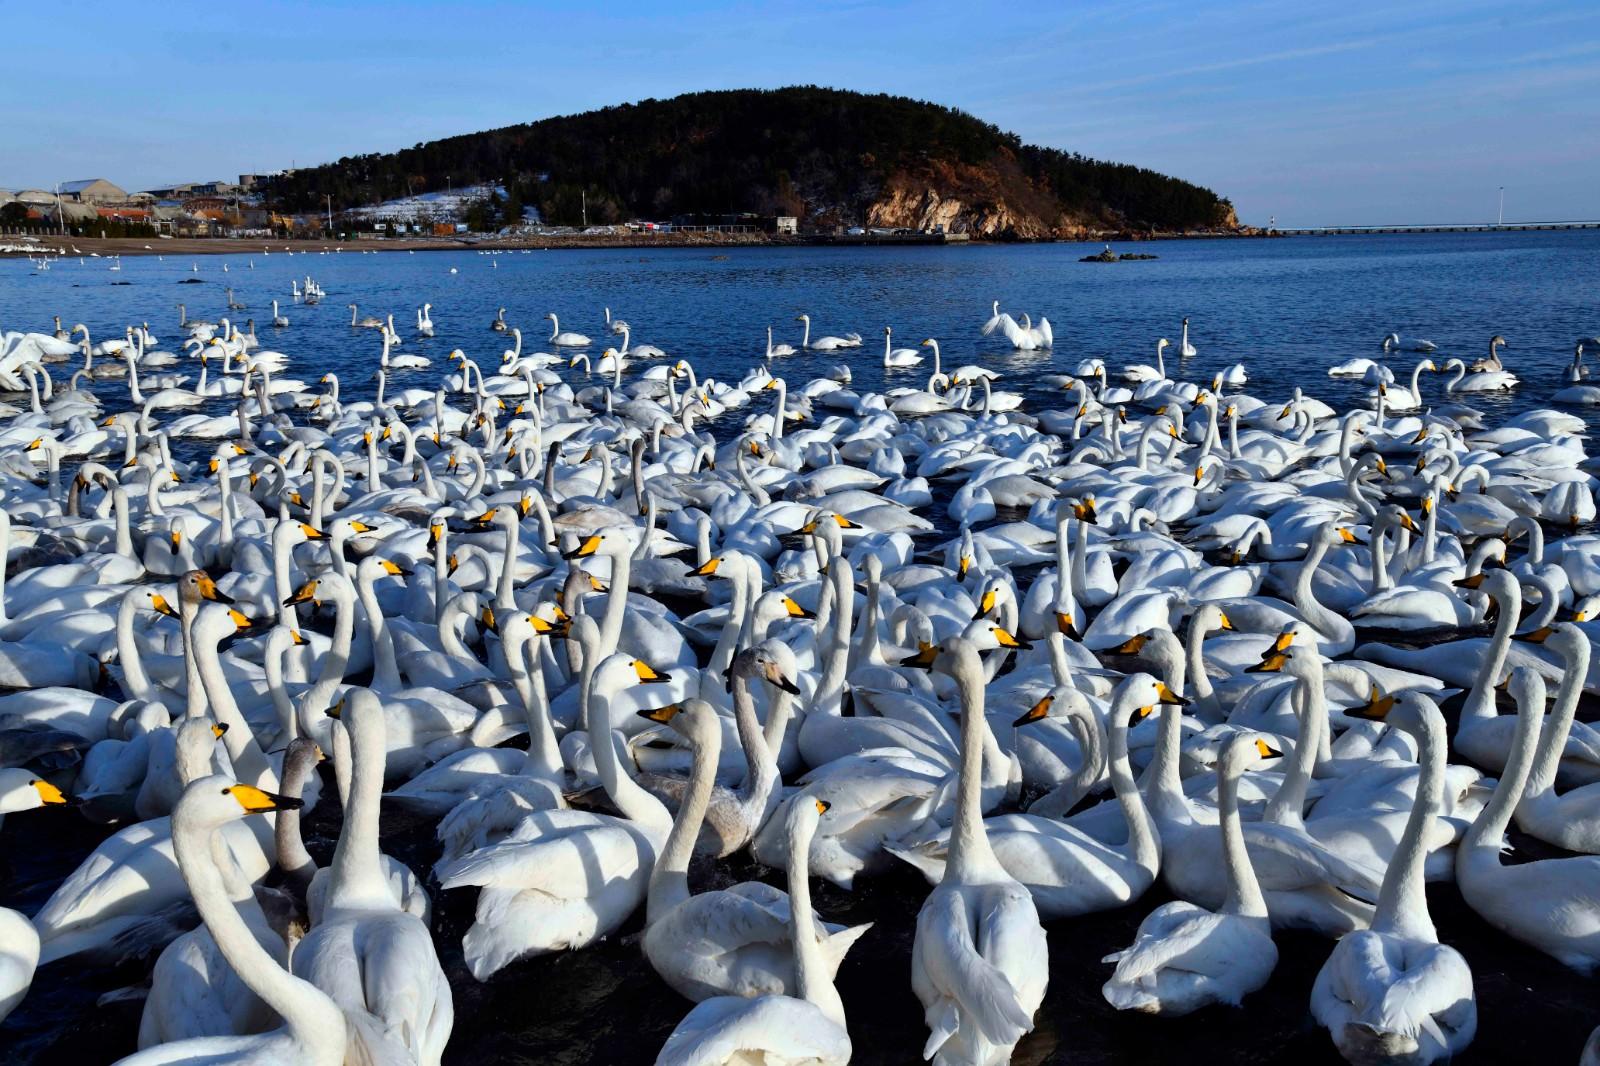 这是荣成大天鹅国家级自然保护区内的大天鹅(1月11日摄)。新华社记者 王凯 摄